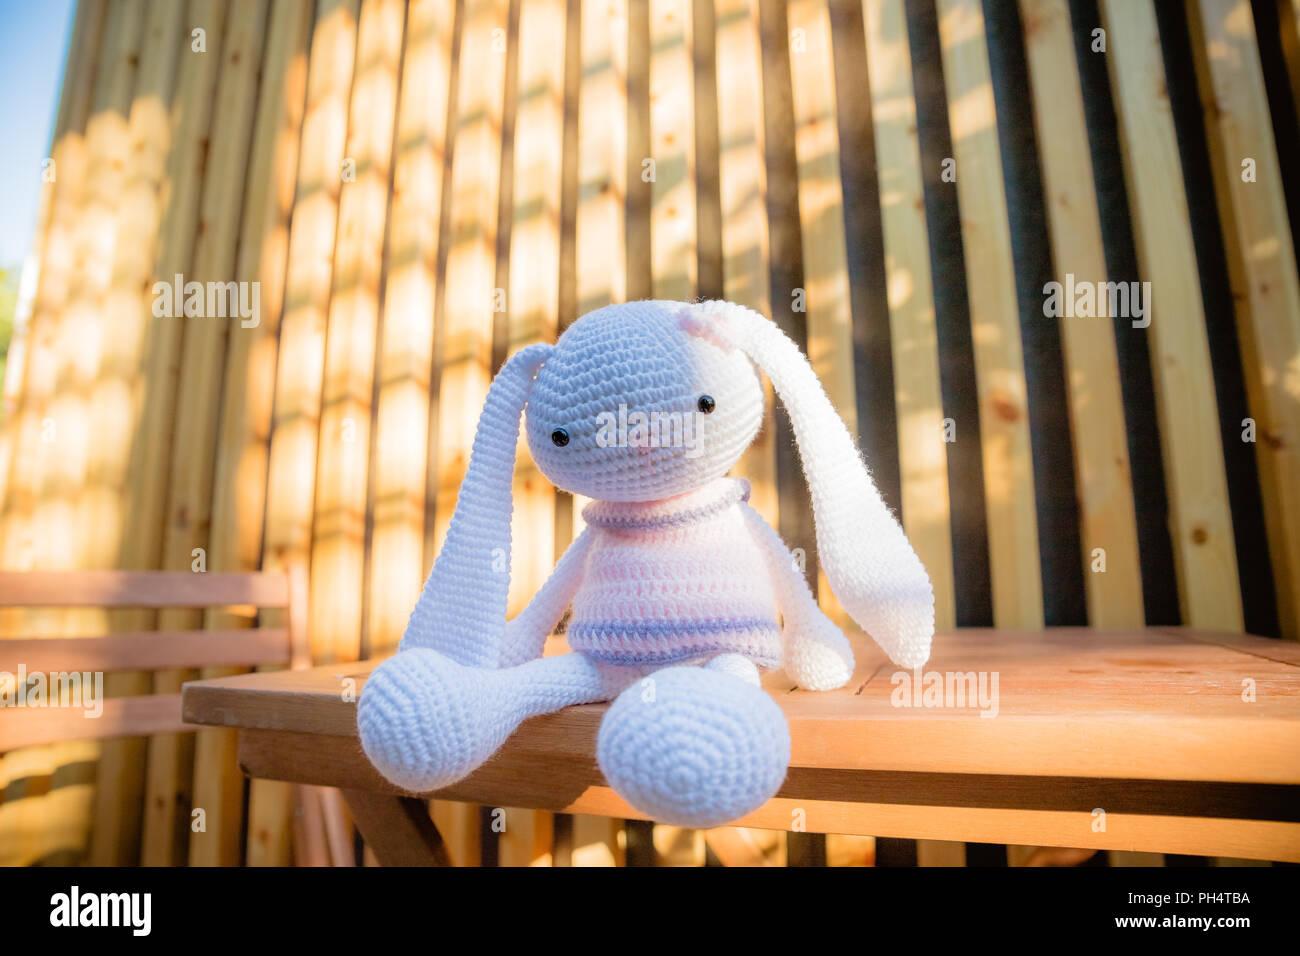 Un Piccolo Maglia Coniglio Bianco In Un Abito Rosa Sul Tavolo Di Legno Giocattolo A Maglia Fatte A Mano Di Cucito Carino Bunny Con Le Orecchie Lunghe Coniglietto A Maglia Festive Decor Il